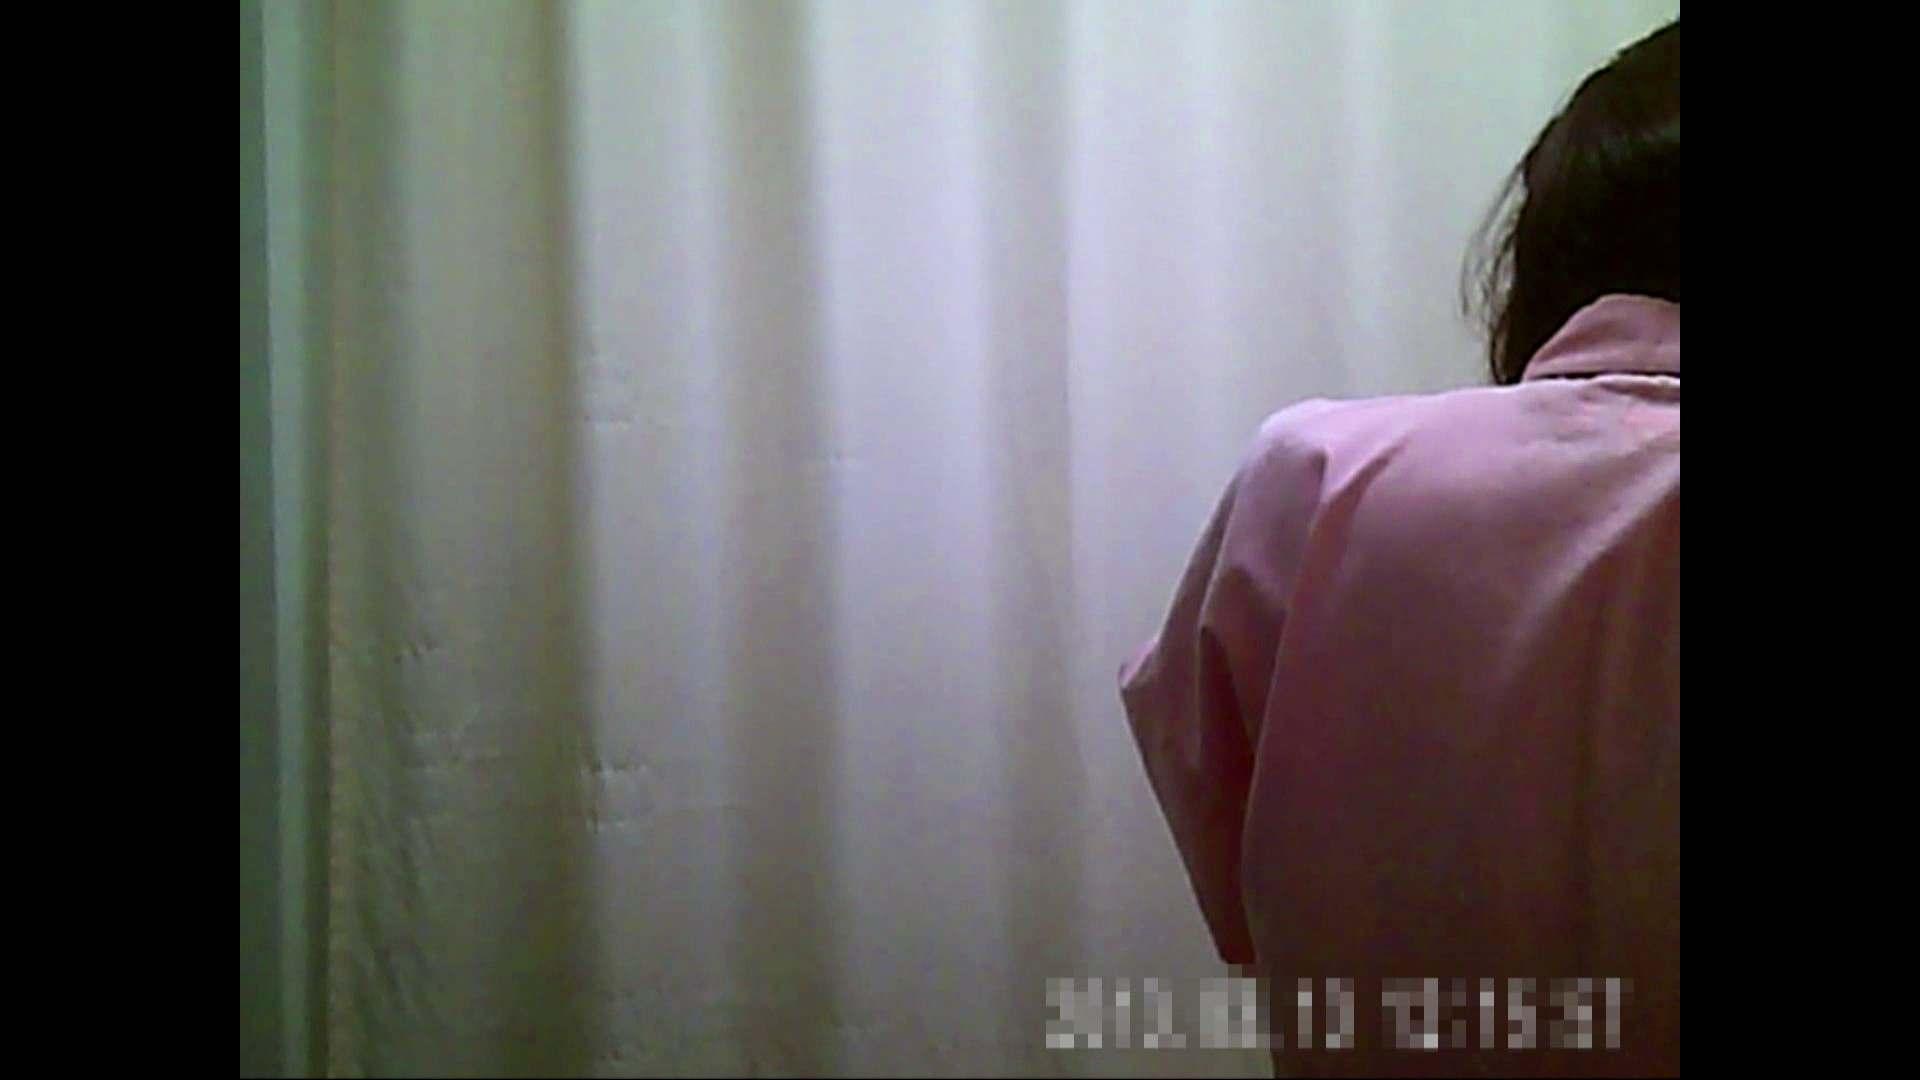 病院おもいっきり着替え! vol.198 貧乳編 ヌード画像 83画像 55